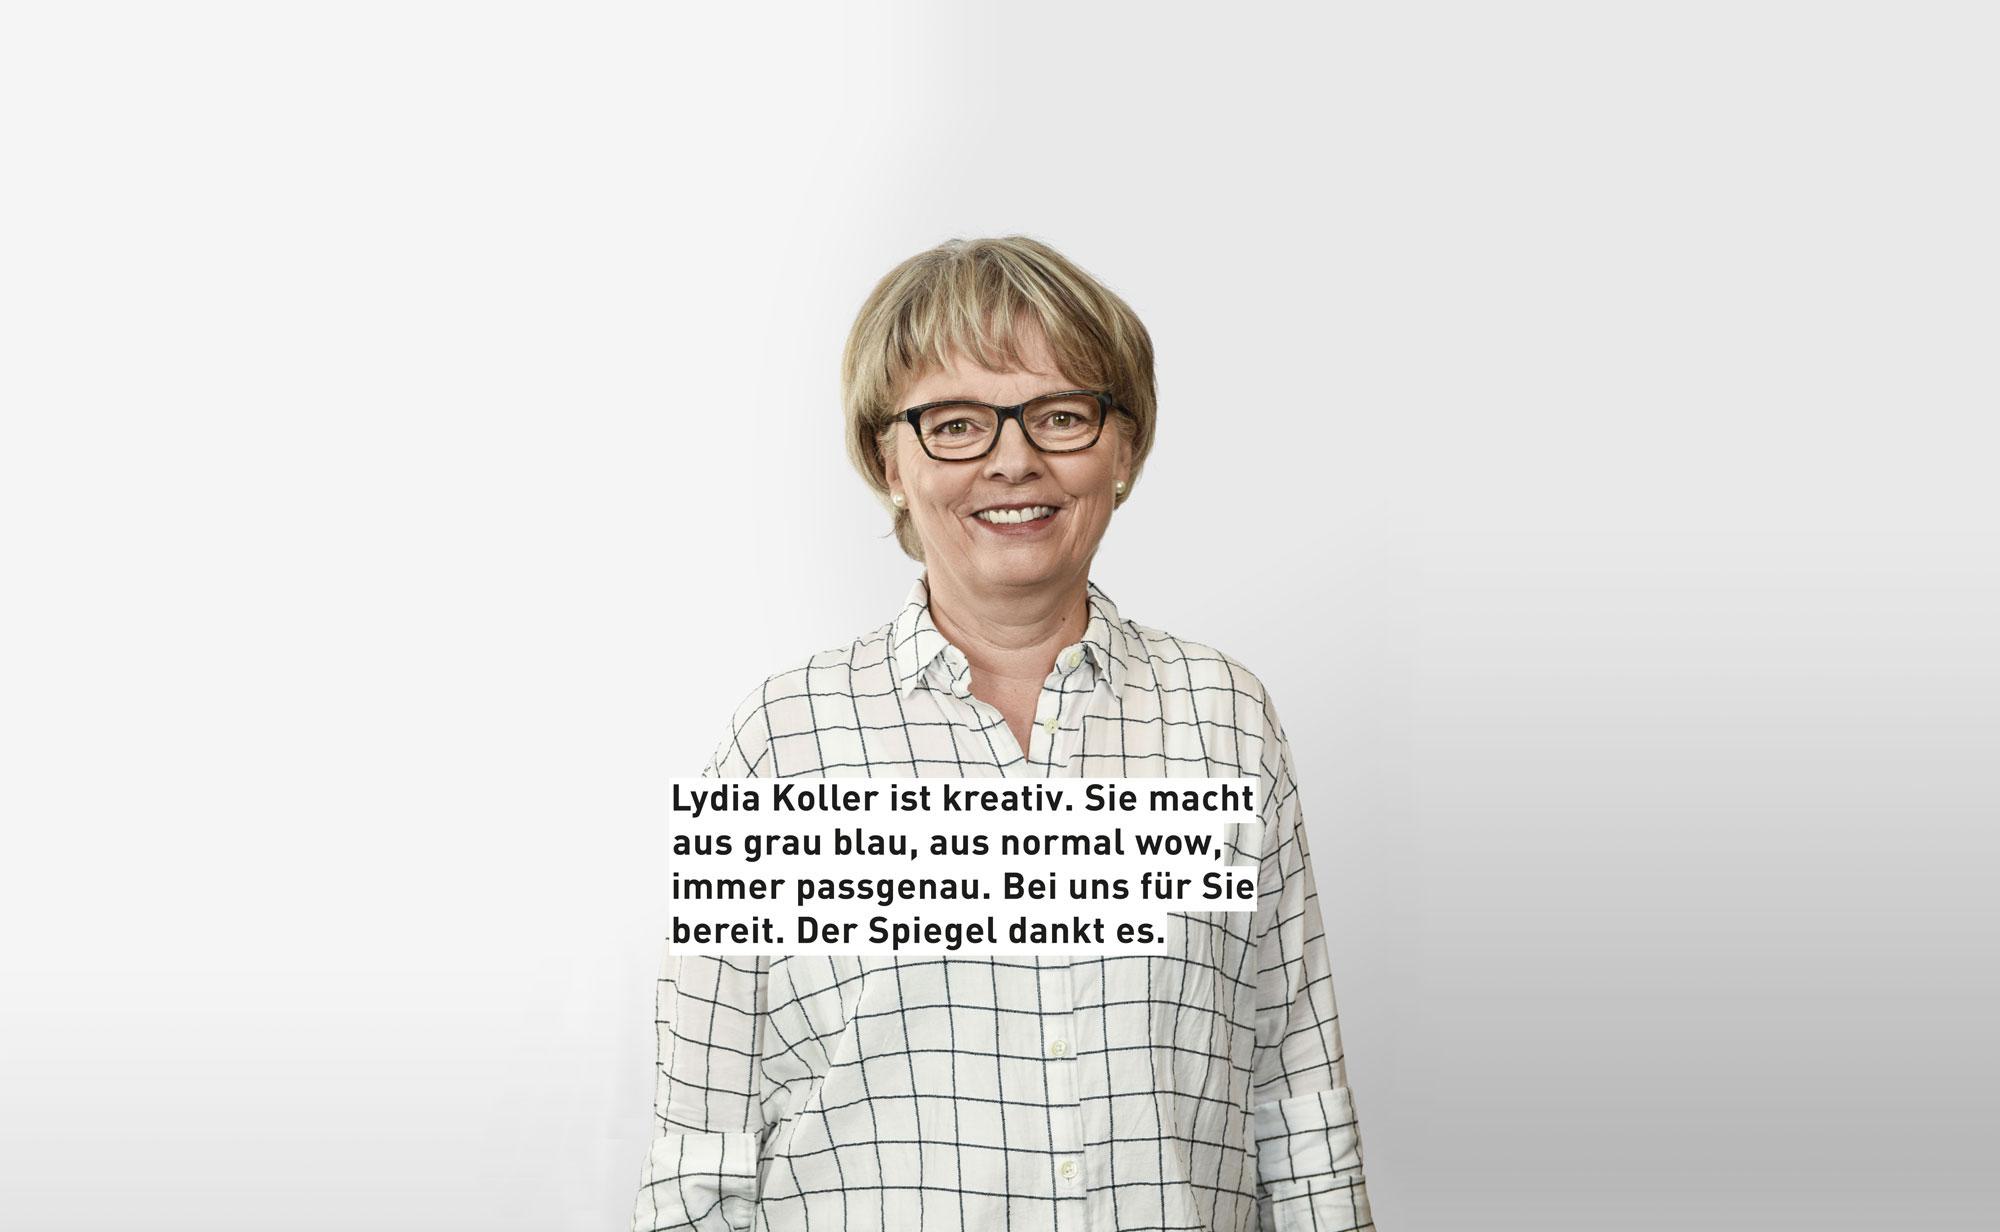 Lydia Koller